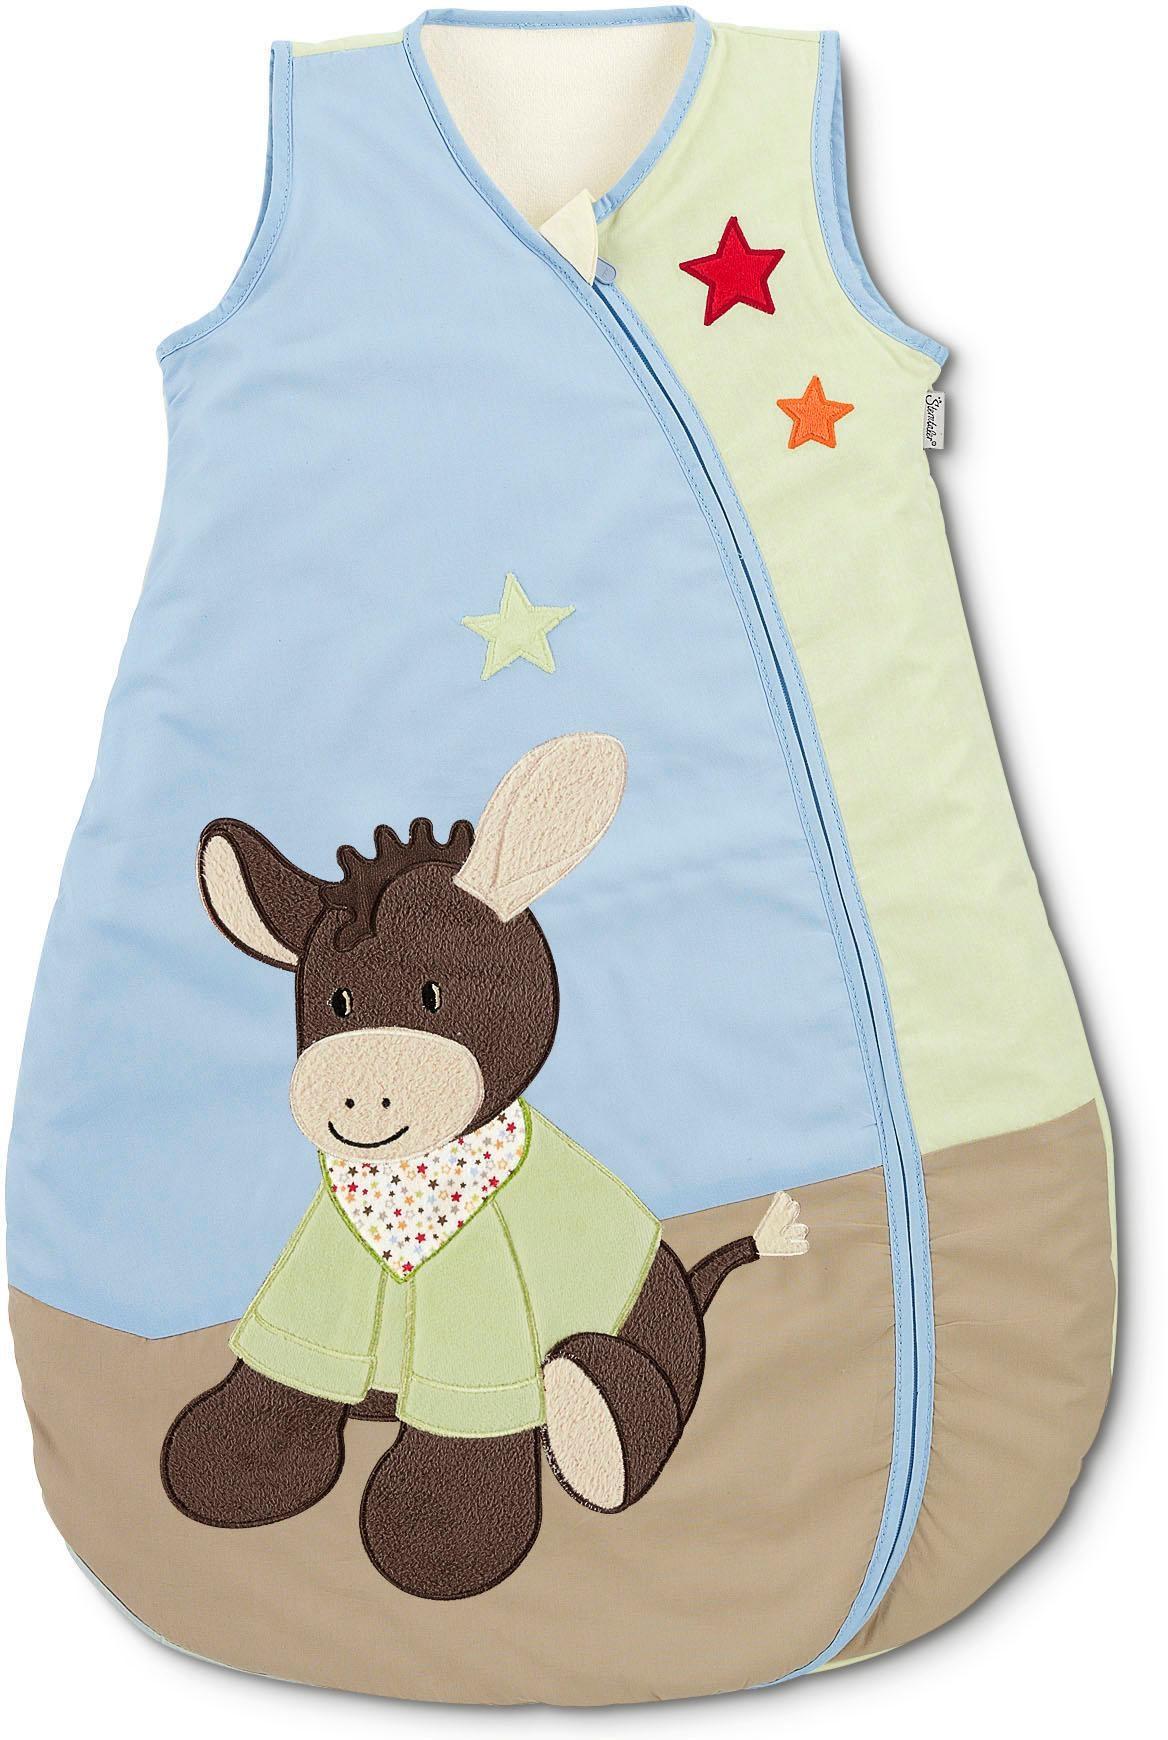 Sterntaler Babyschlafsack Emmi (( 1-tlg )) | Baumarkt > Camping und Zubehör > Schlafsäcke | Bunt | Baumwollstoff | Sterntaler